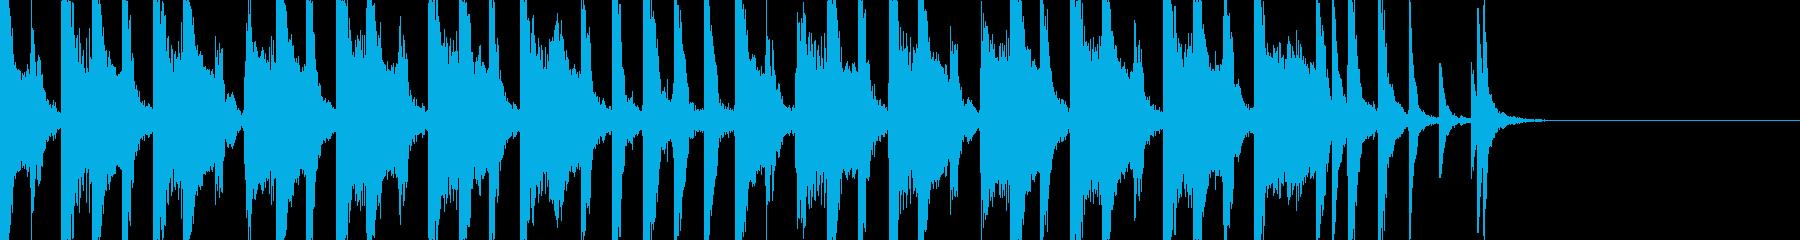 コミカルな15秒BGMの再生済みの波形